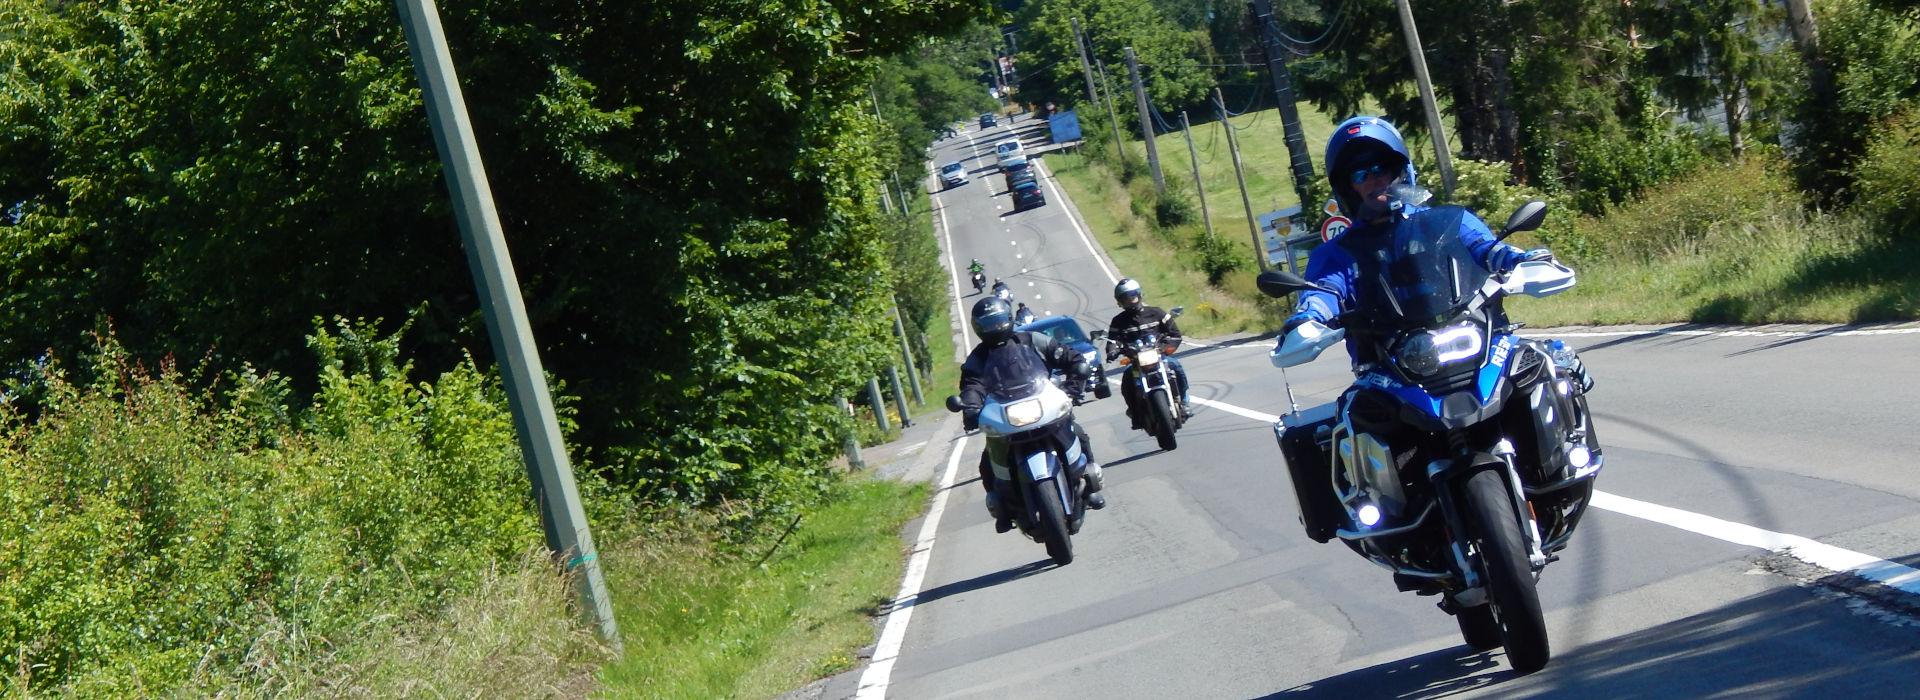 Motorrijbewijspoint Wijnandsrade spoed motorrijbewijs